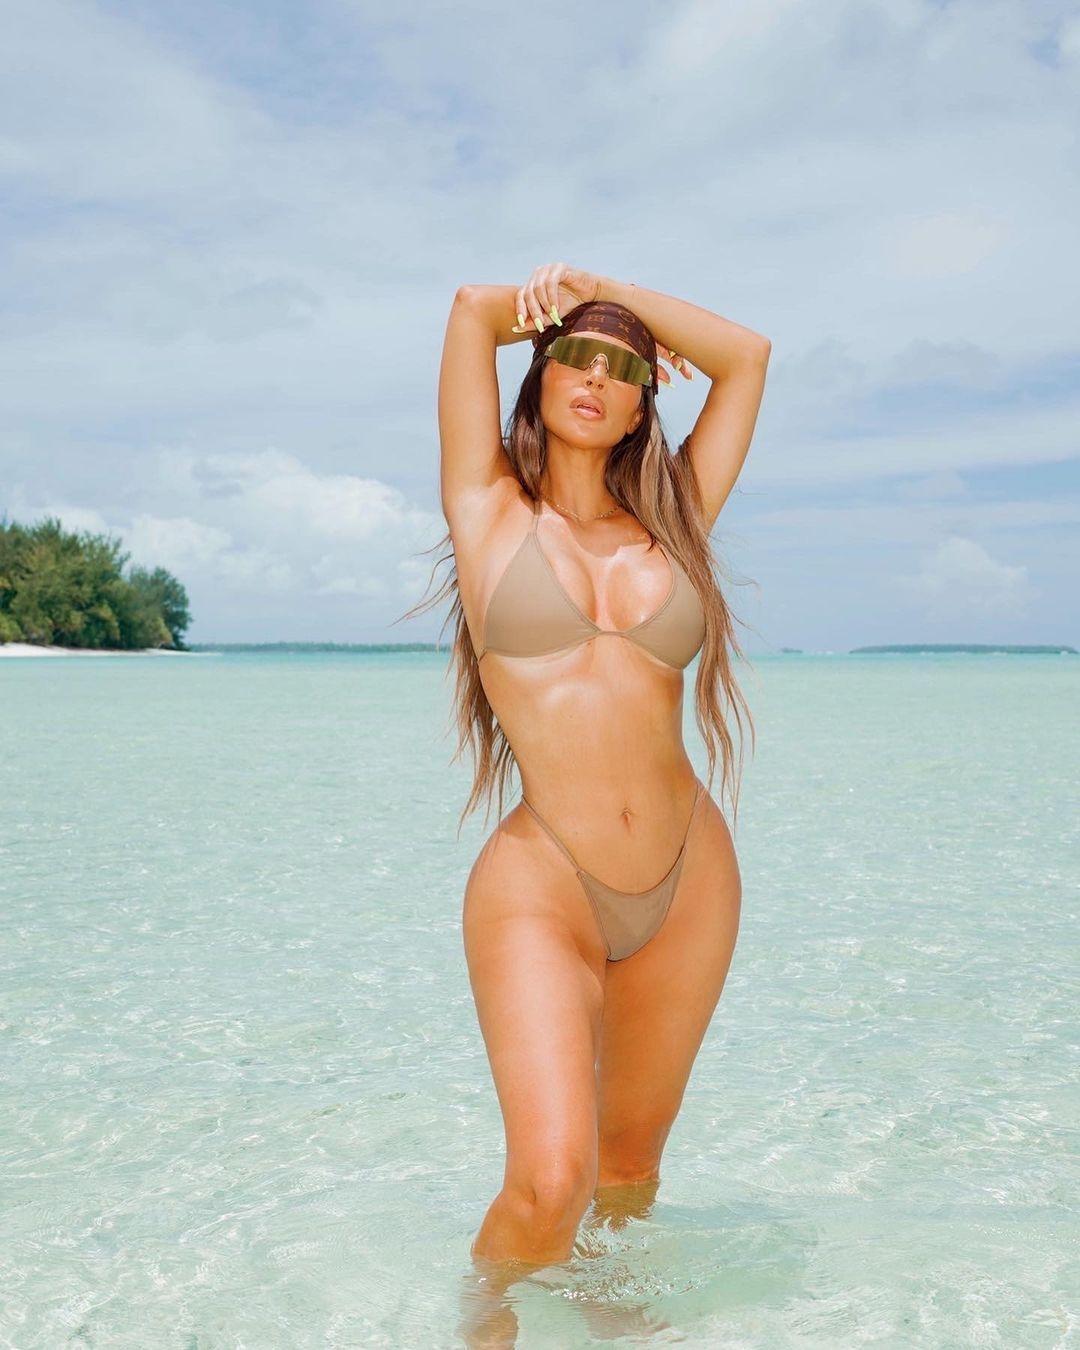 Слишком горячо: Ким Кардашьян показала соблазнительные фото в купальнике - фото №1